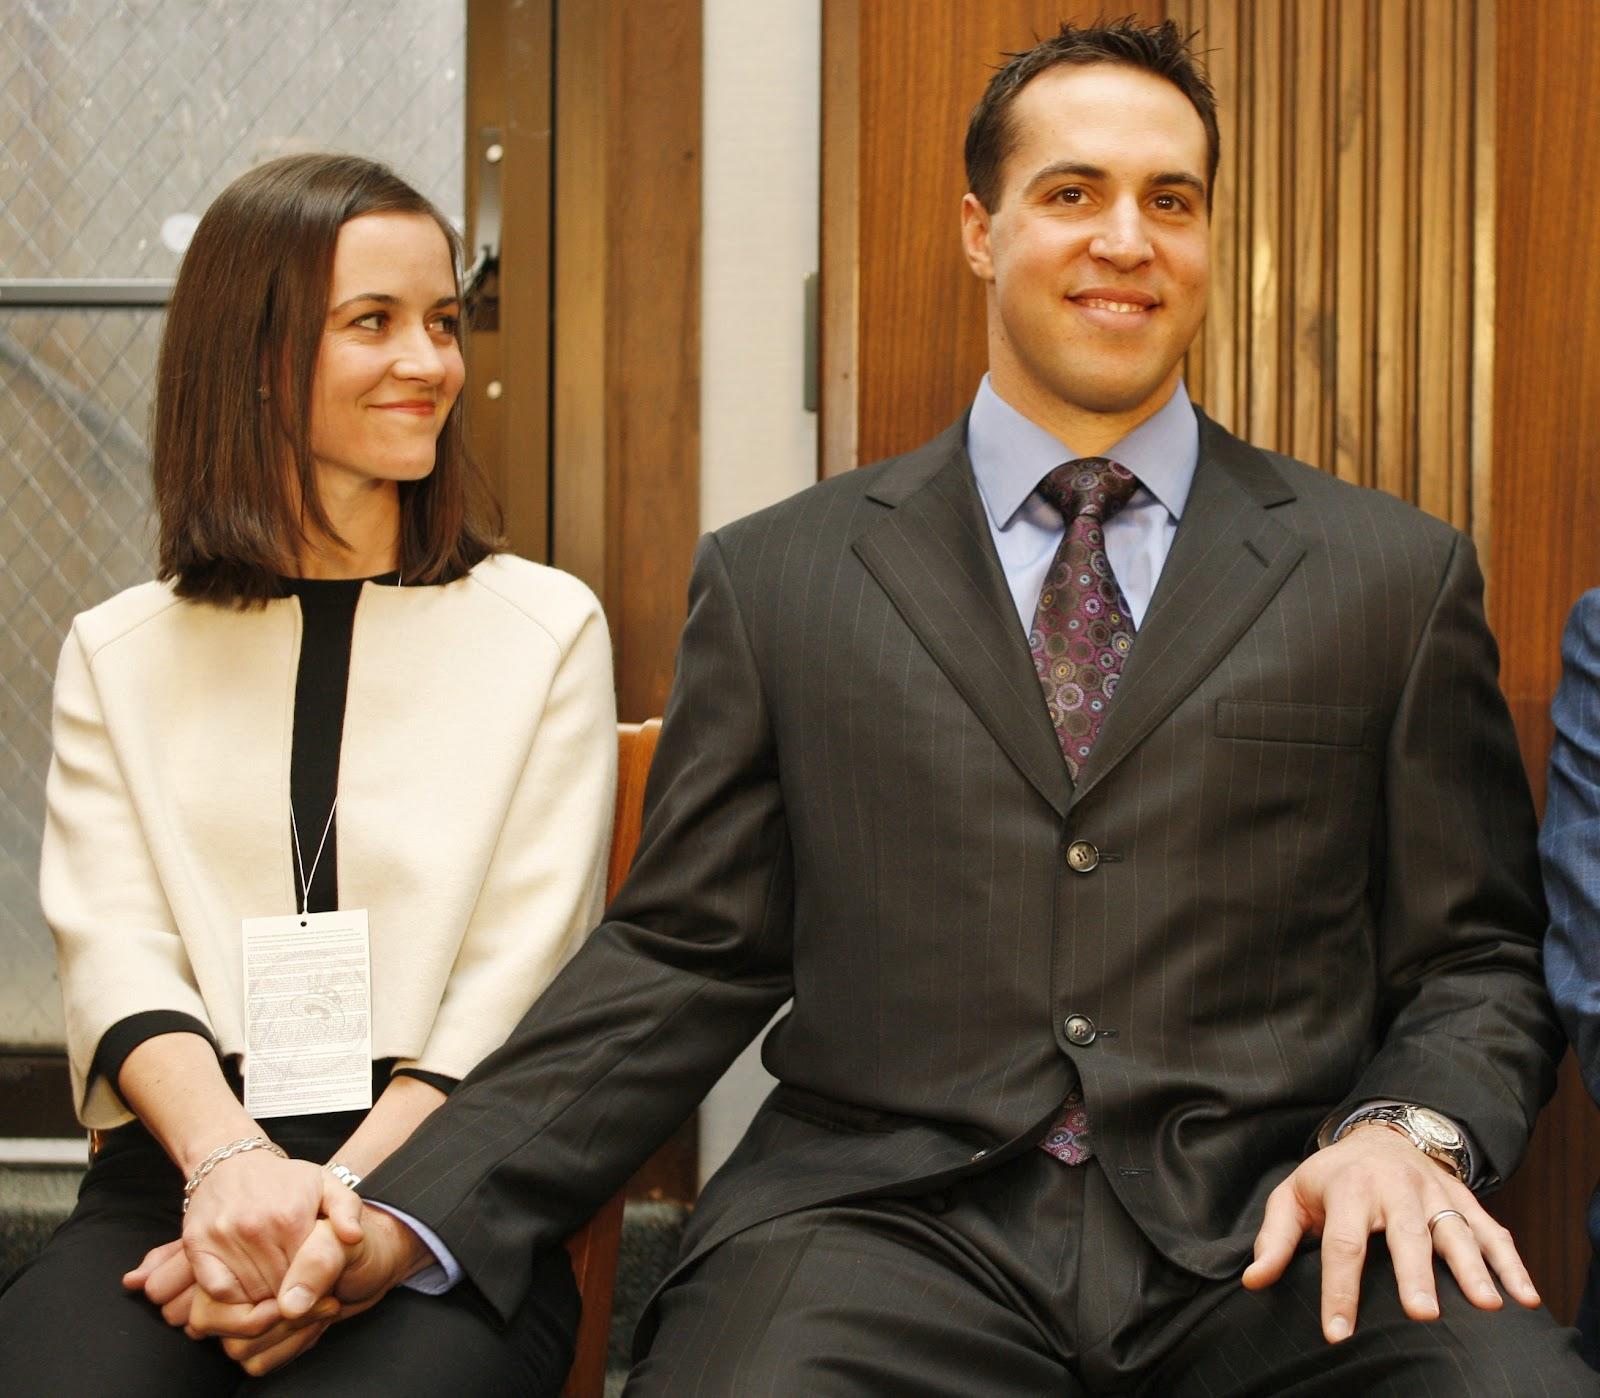 http://3.bp.blogspot.com/-9ZU5jUhe6VE/T74wrY-AZ_I/AAAAAAAAJ-s/lvbmSFRT-OE/s1600/Mark+Teixeira+Wife+Leigh+Teixeira_1.jpg